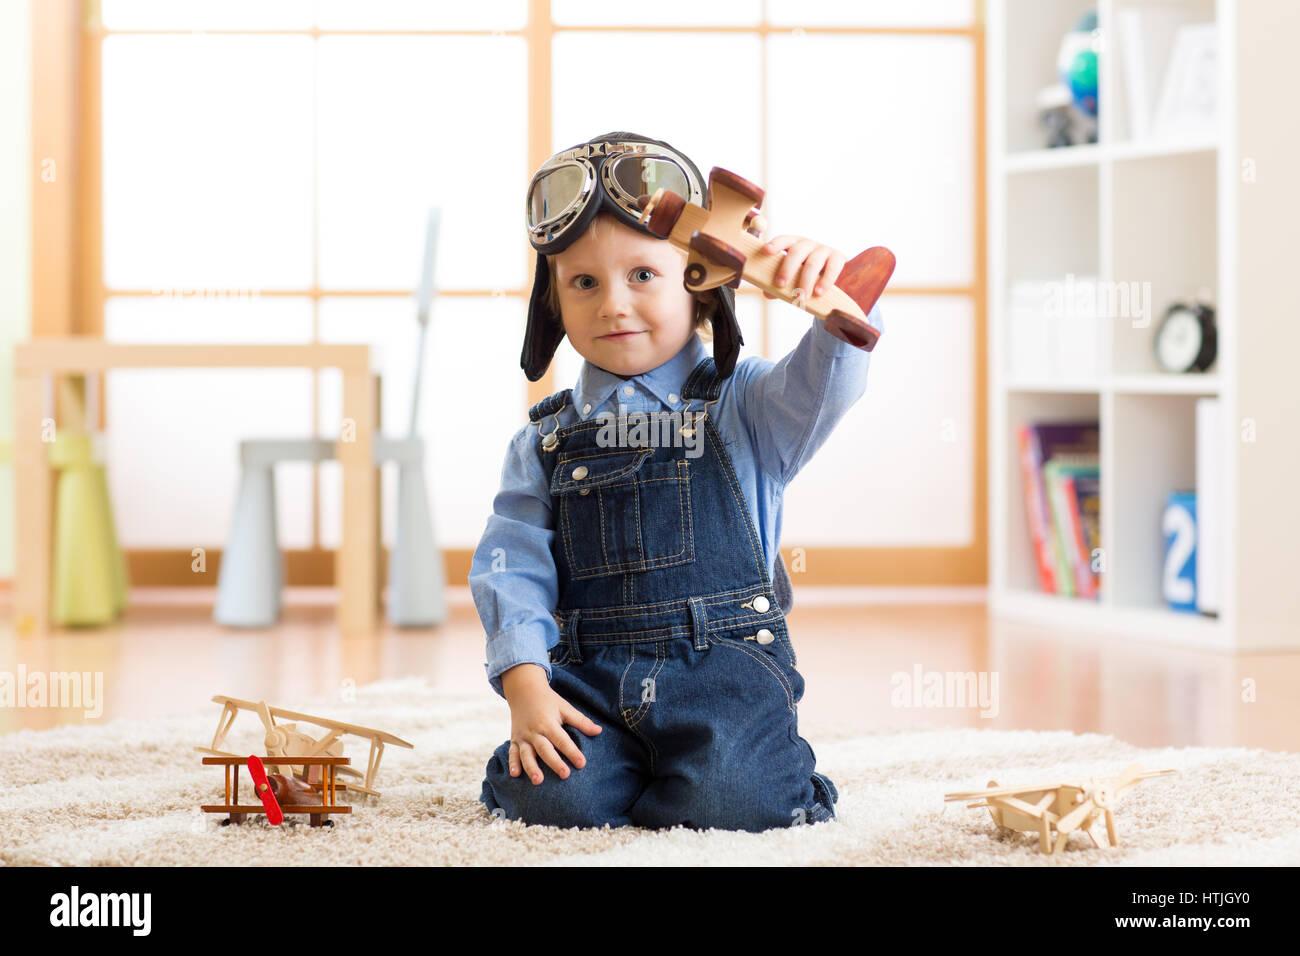 Niño fingiendo ser aviador. Kid jugando con aviones de juguete en casa Imagen De Stock